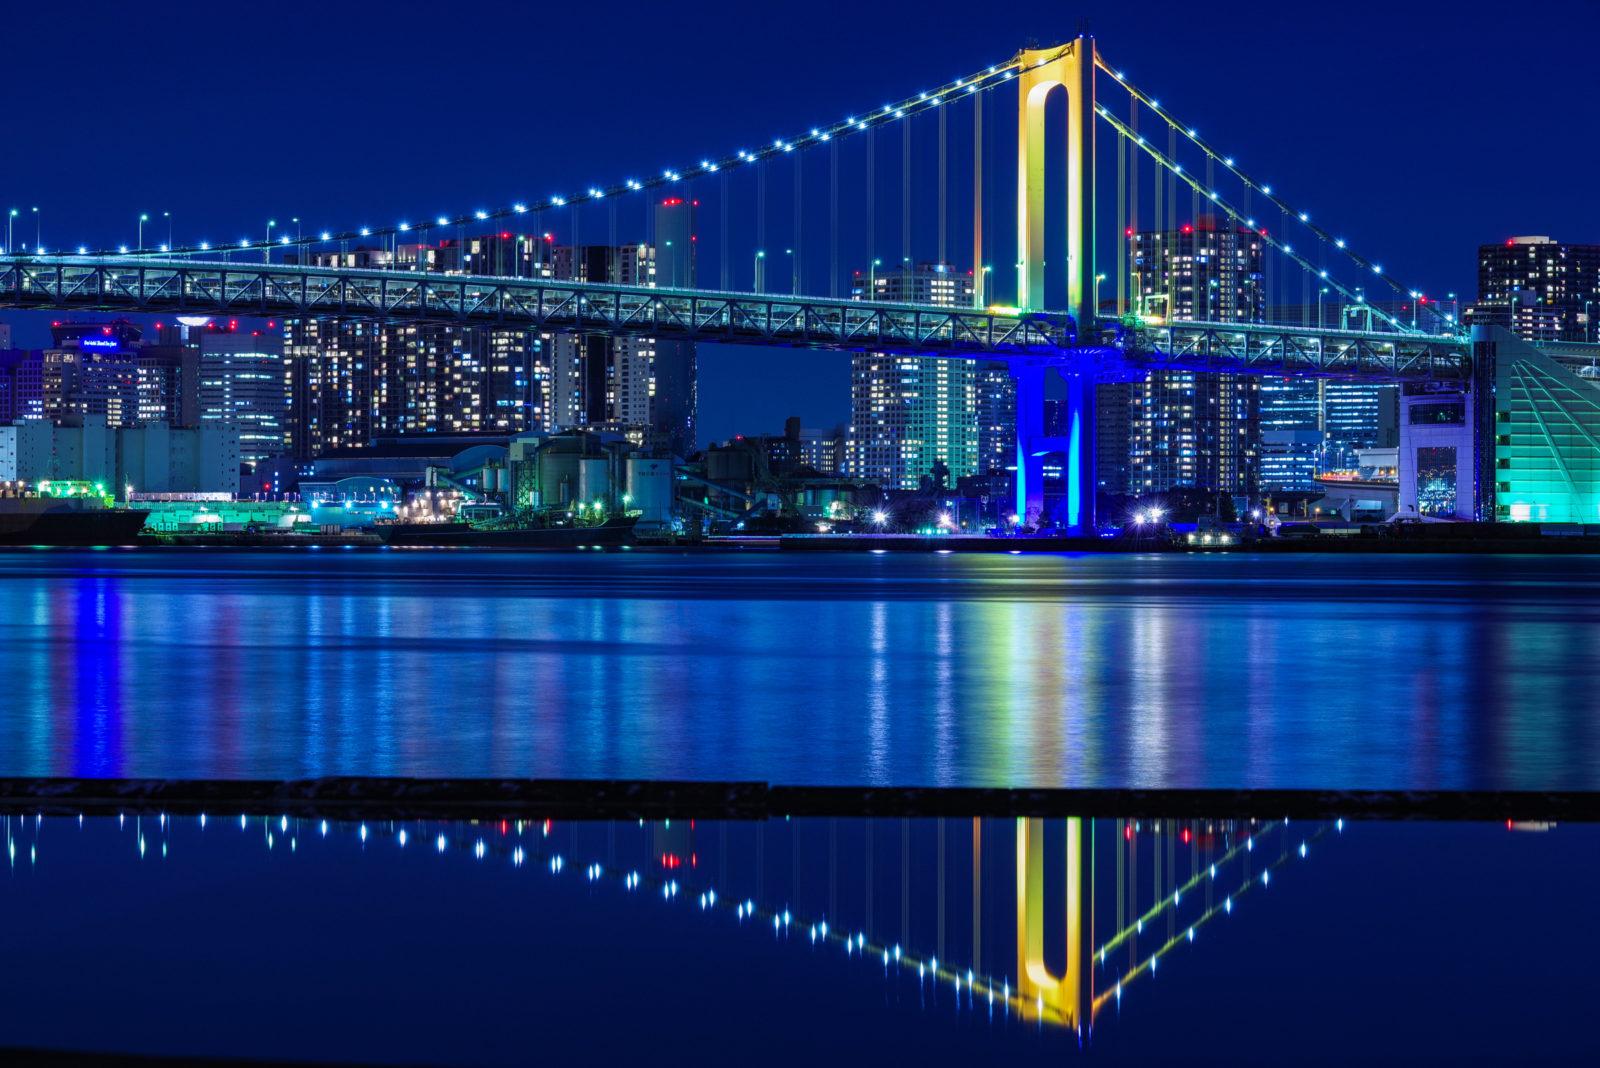 晴海ふ頭よりレインボーブリッジ | PENTAX K-1&D FA★70-200mm